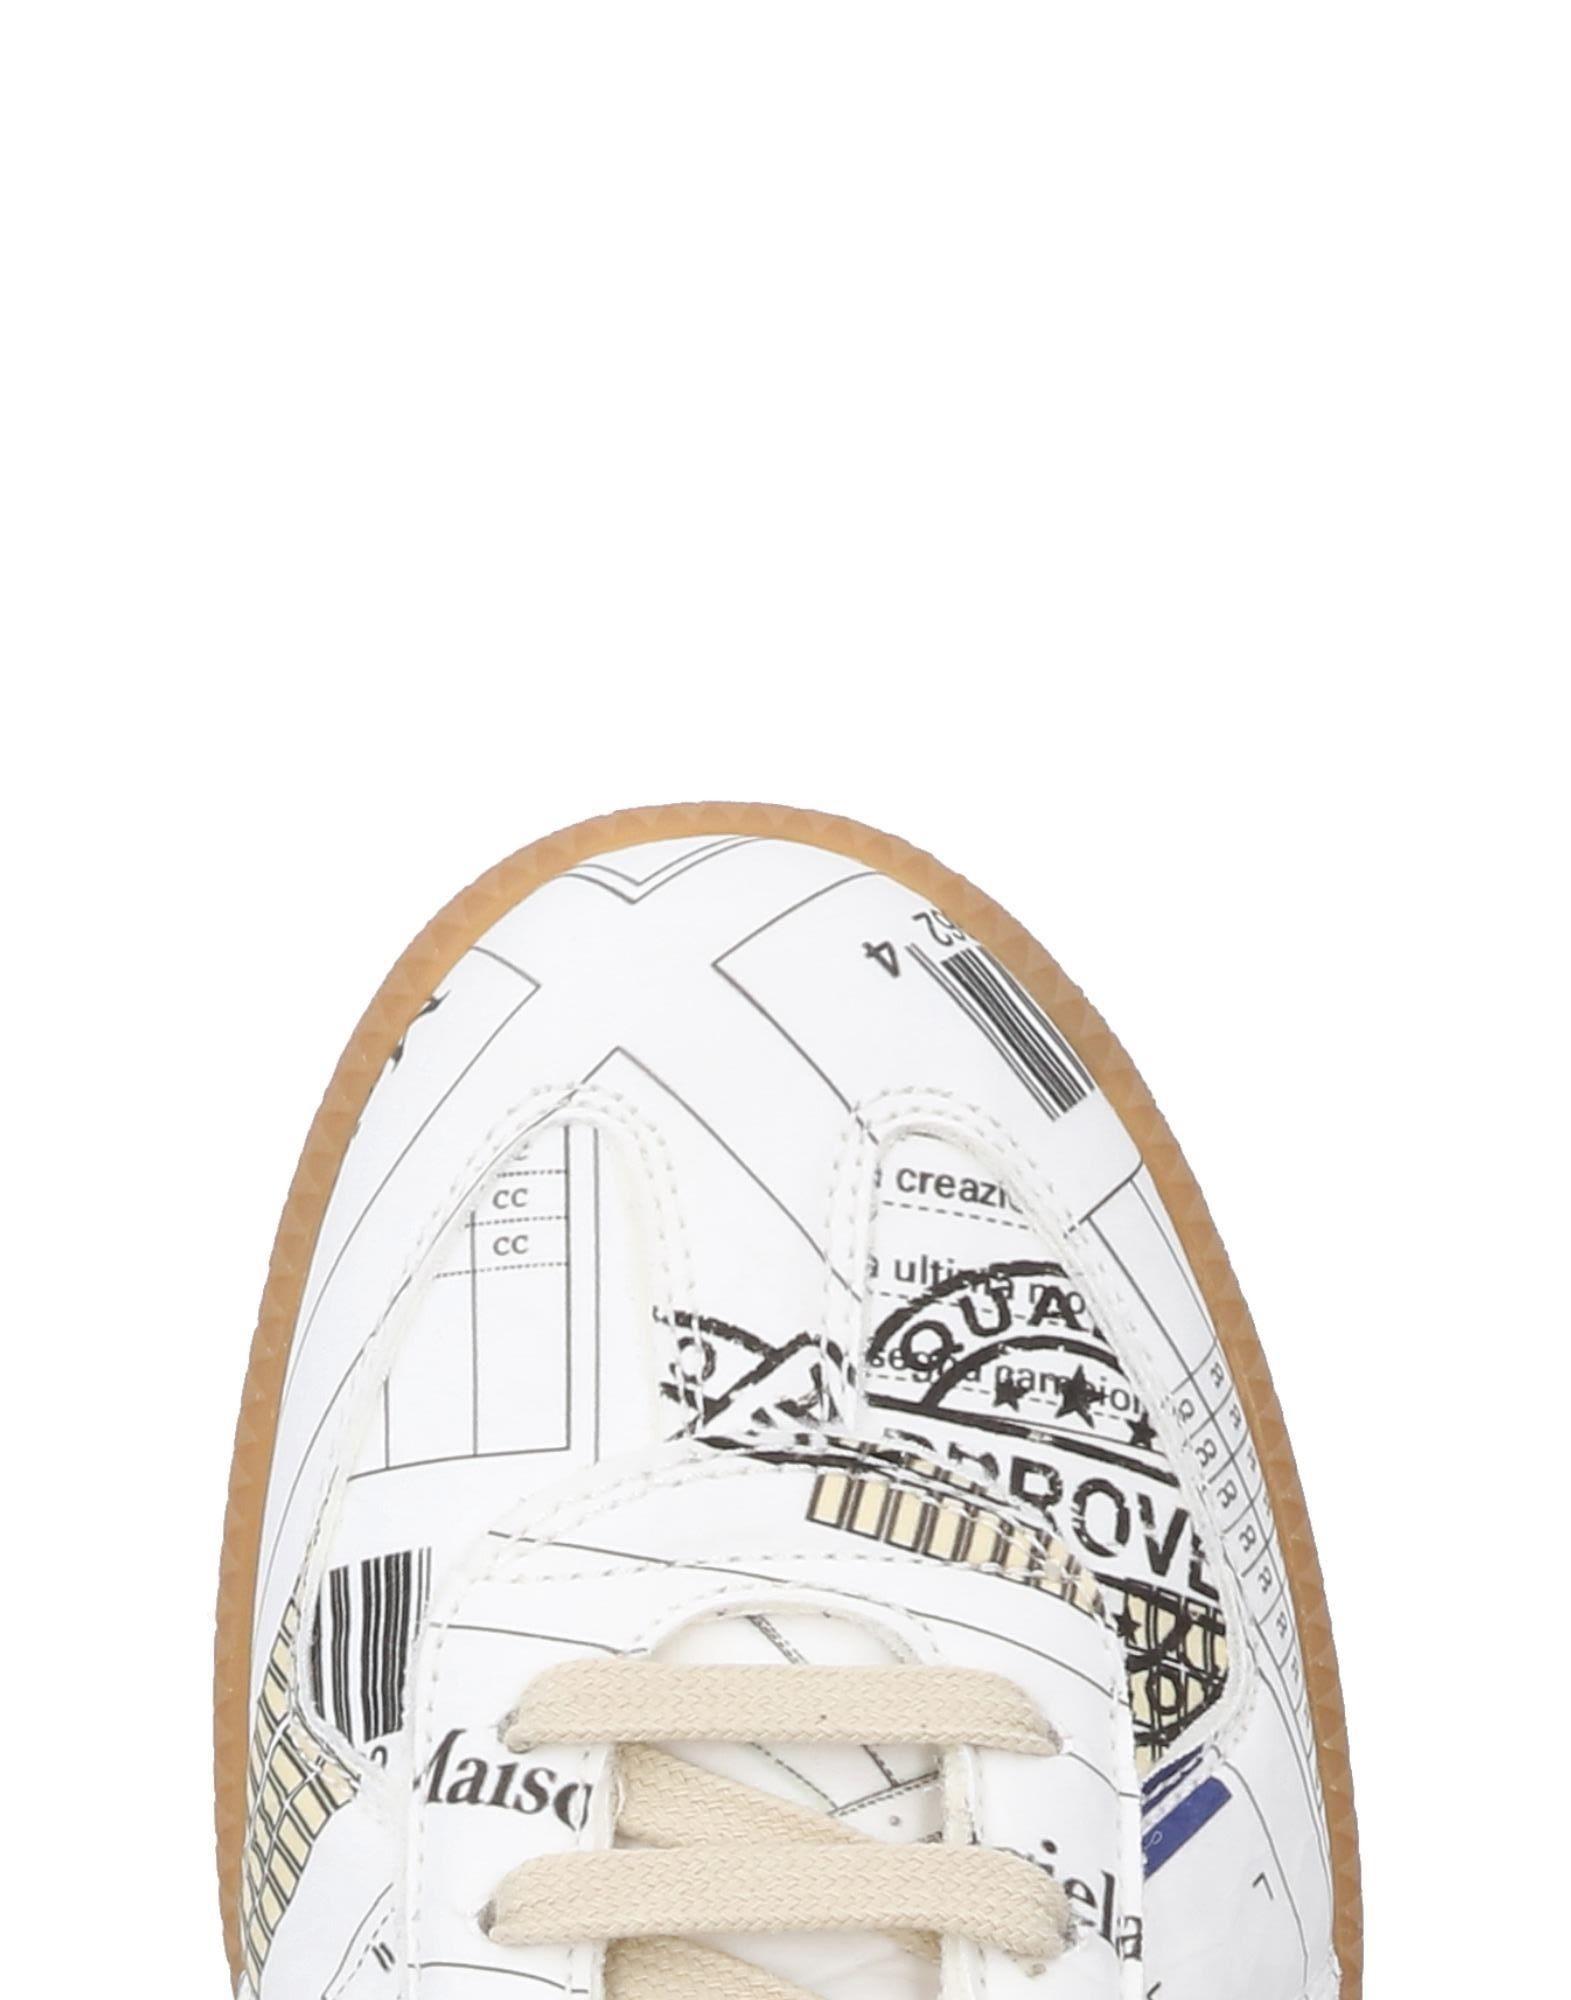 Maison Margiela Sneakers Herren  11472251IU 11472251IU  c618d1